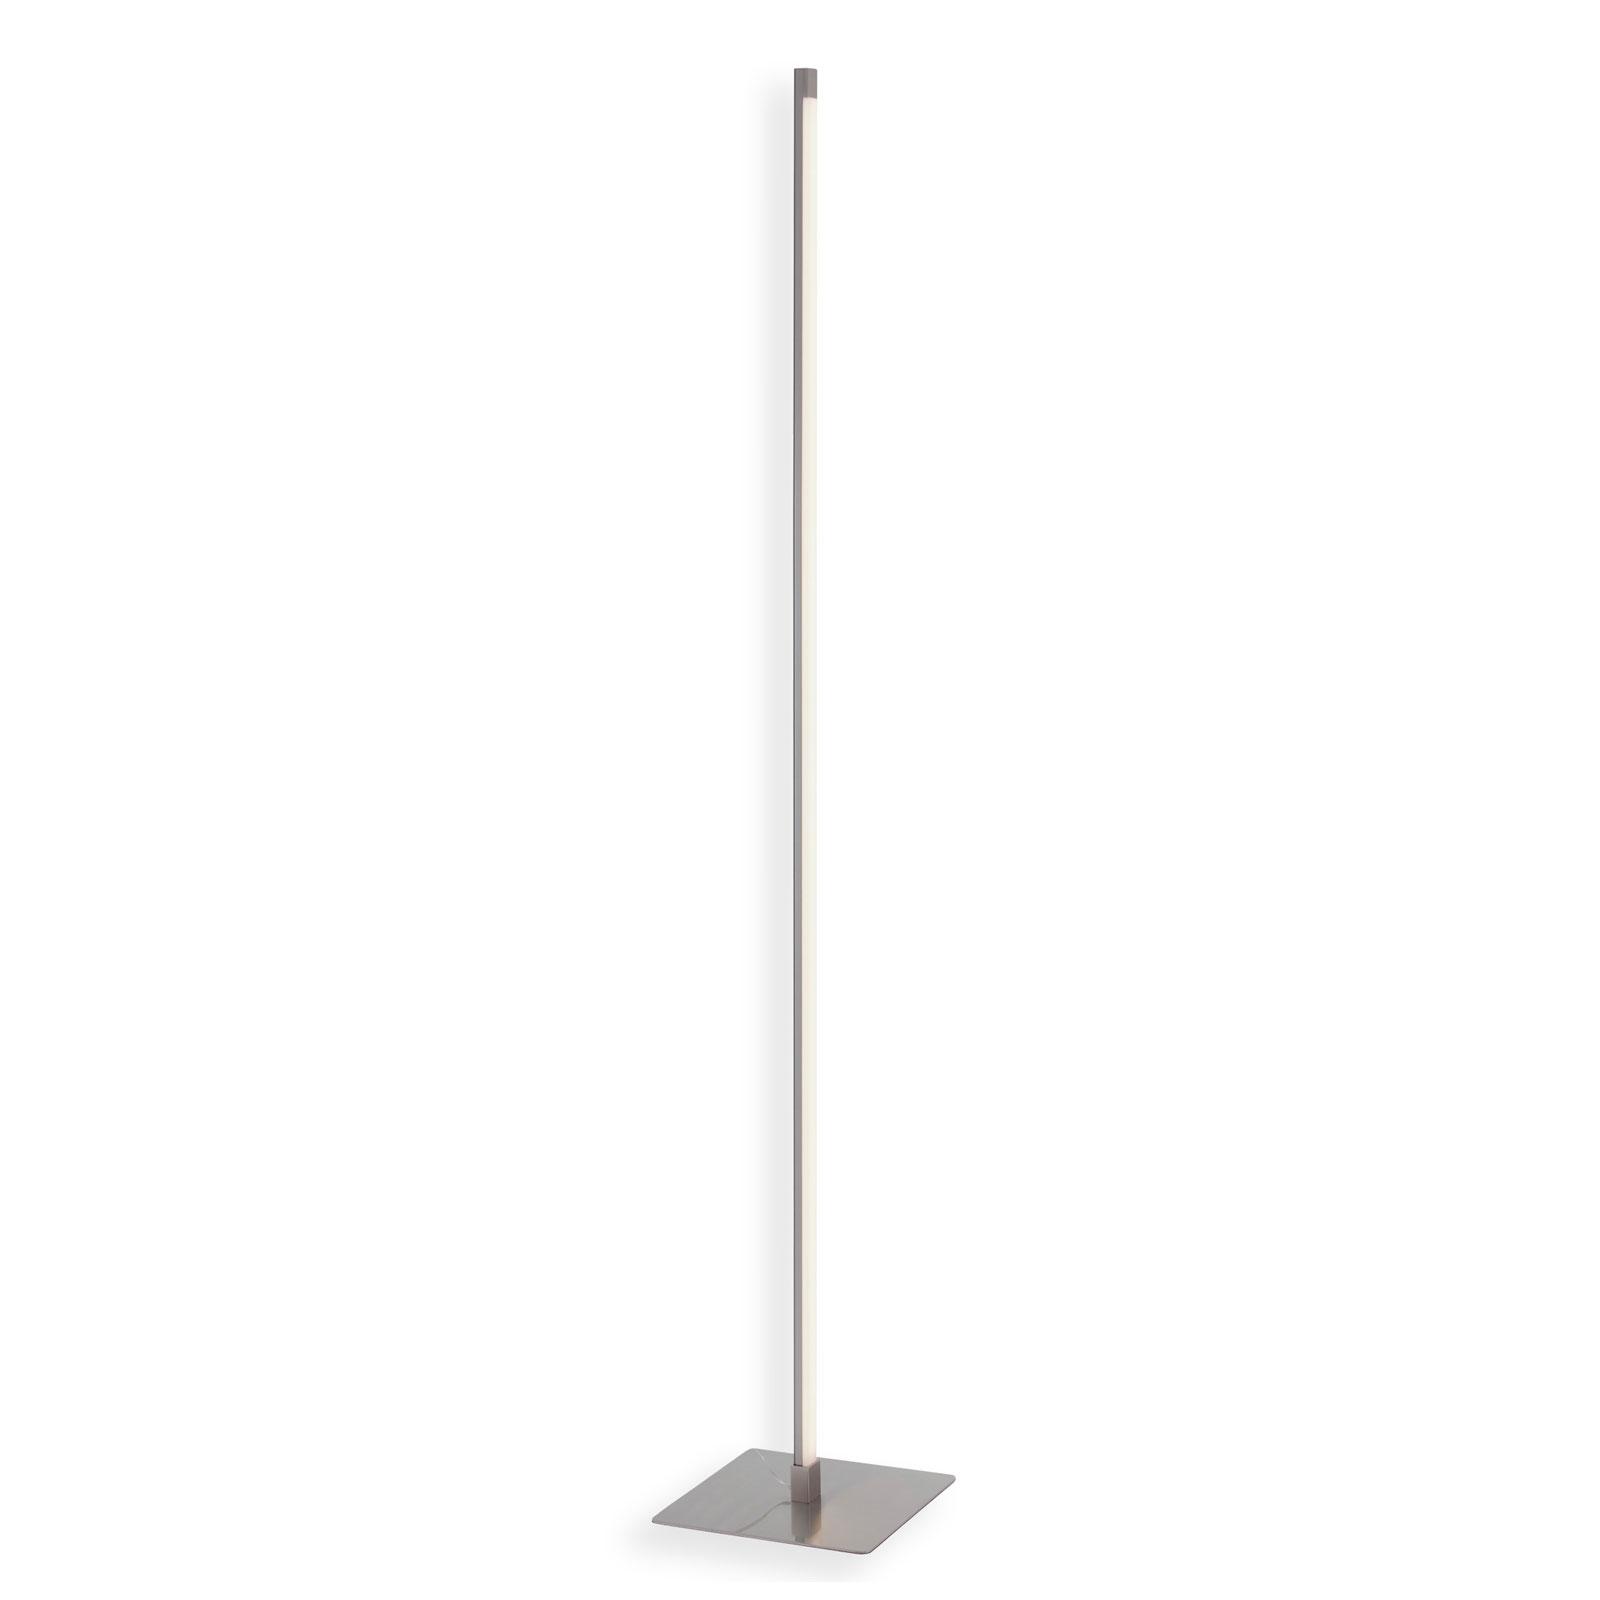 LED-Stehlampe 1365-012 m. Dimmer u. Memoryfunktion